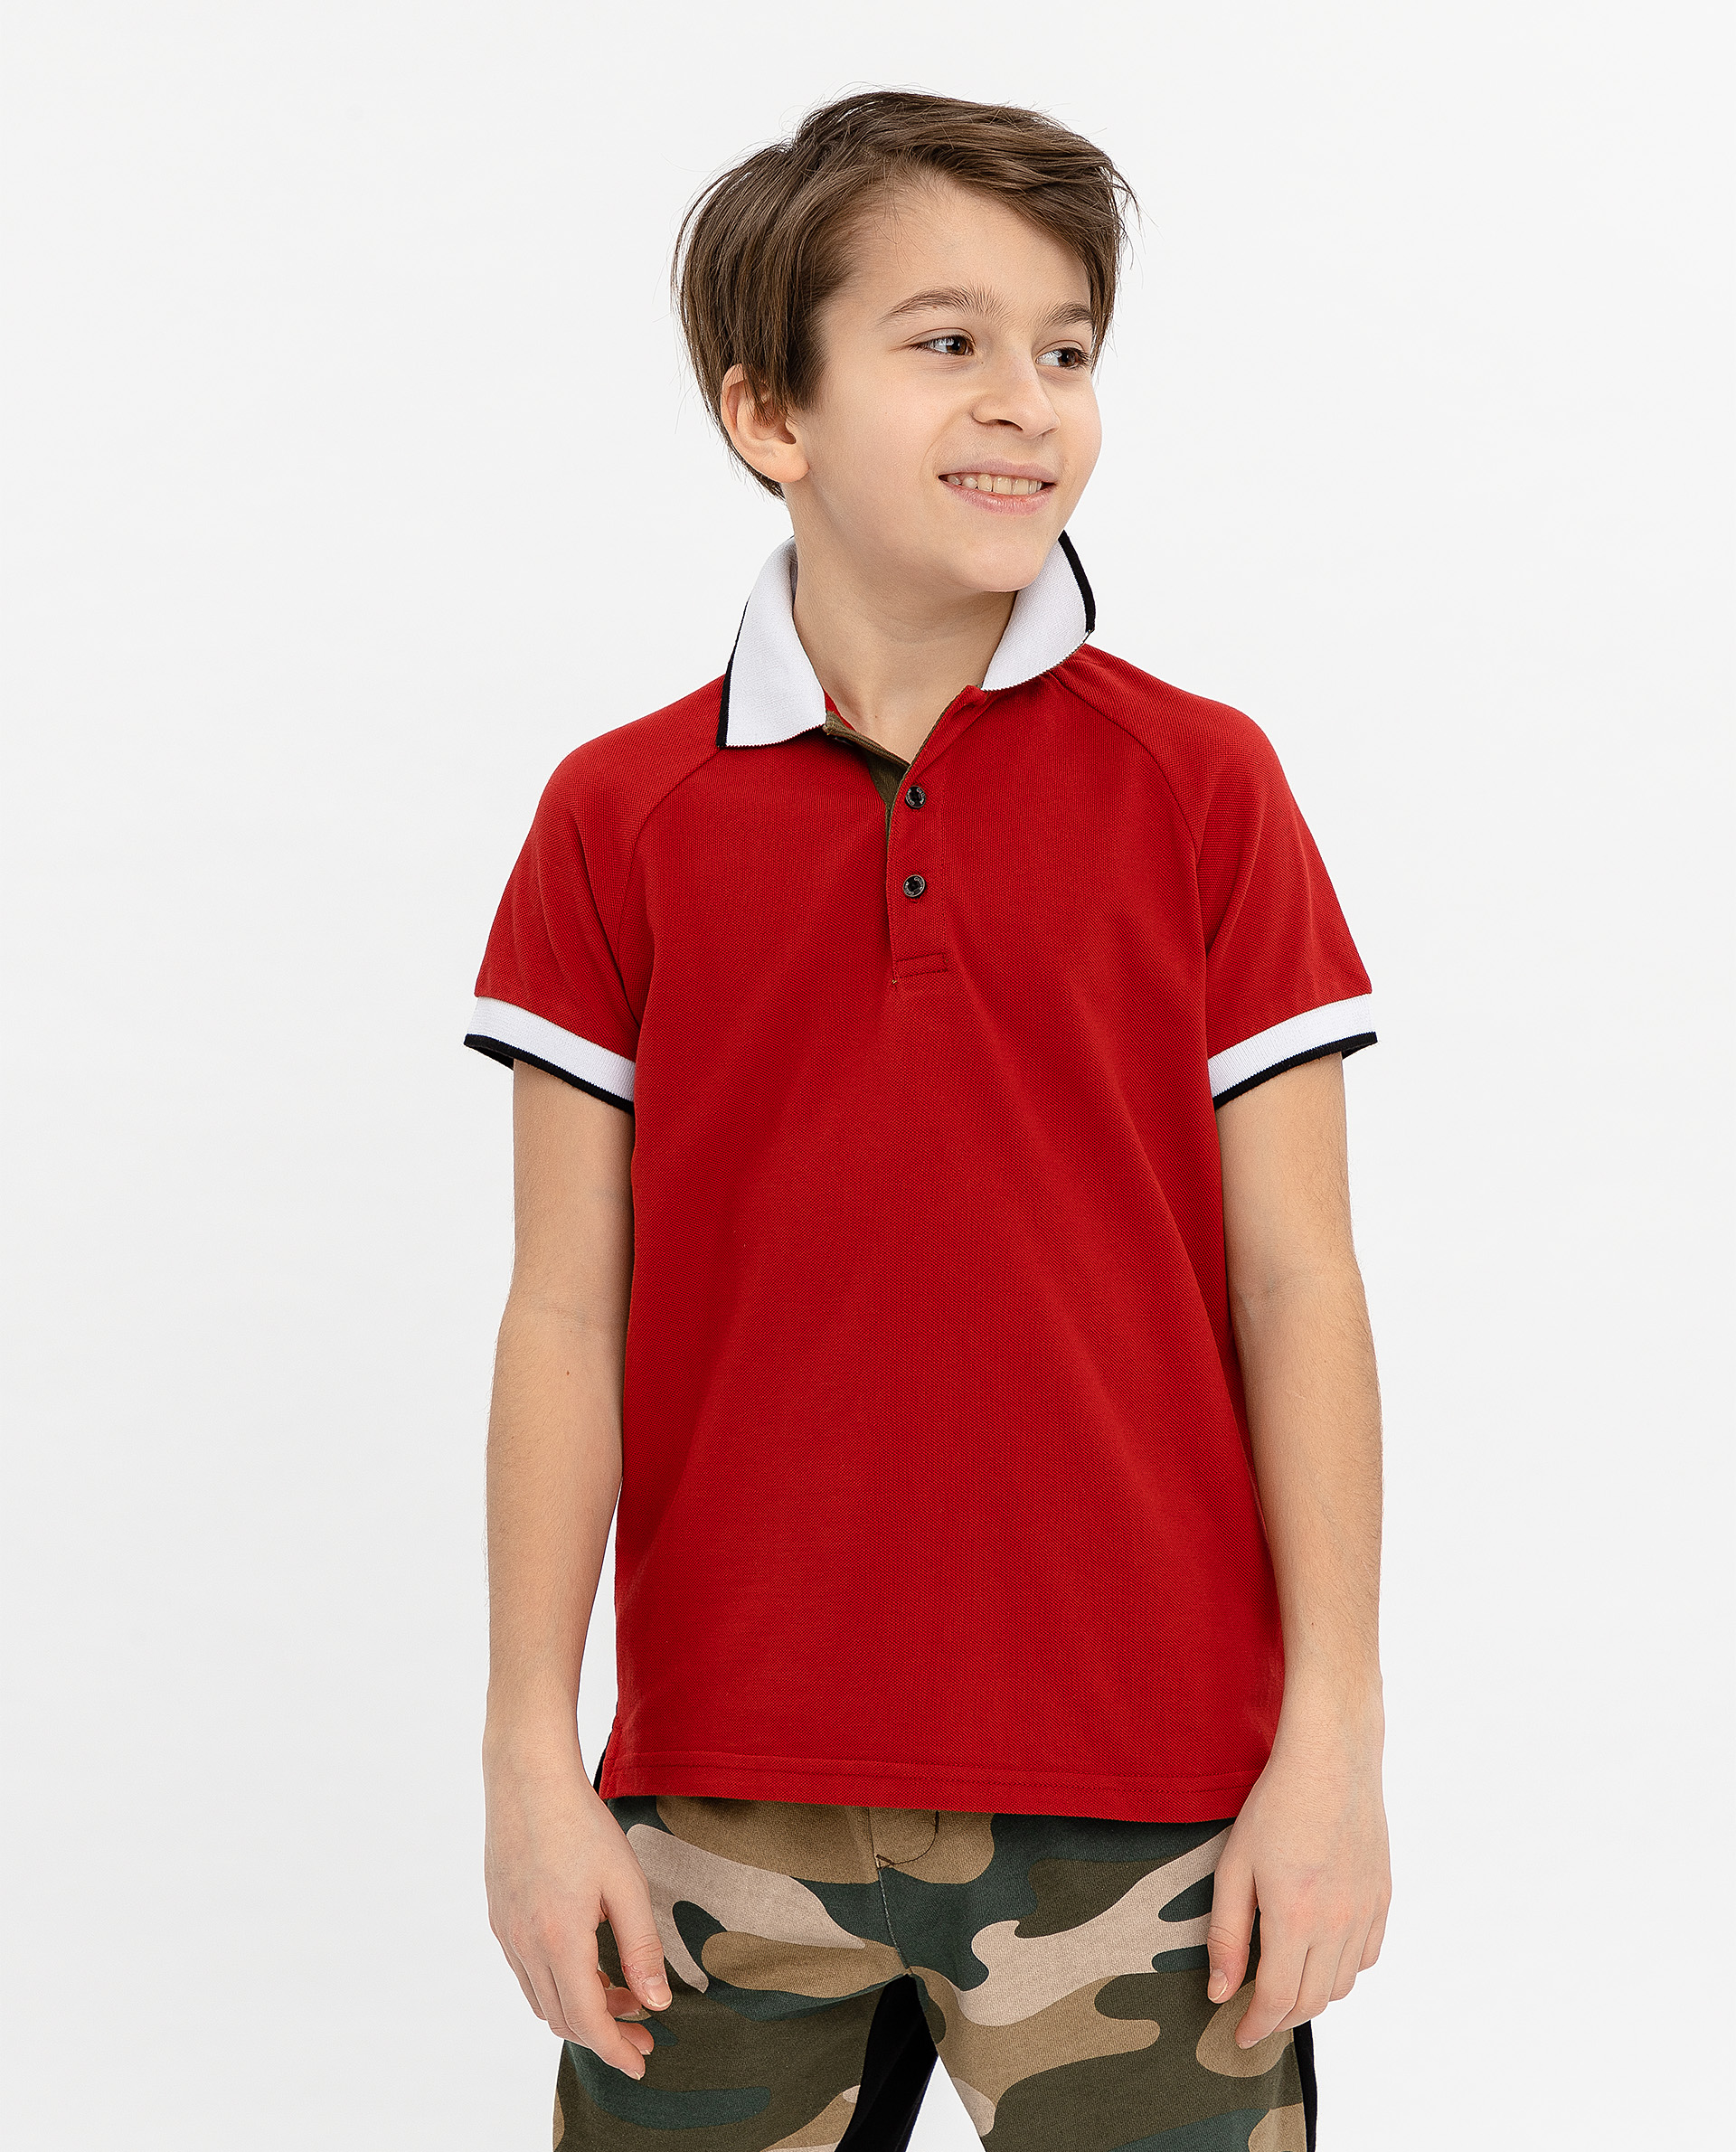 Купить 12010BJC1402, Красное поло Gulliver, красный, 134, Мужской, ВЕСНА/ЛЕТО 2020 (shop: GulliverMarket Gulliver Market)